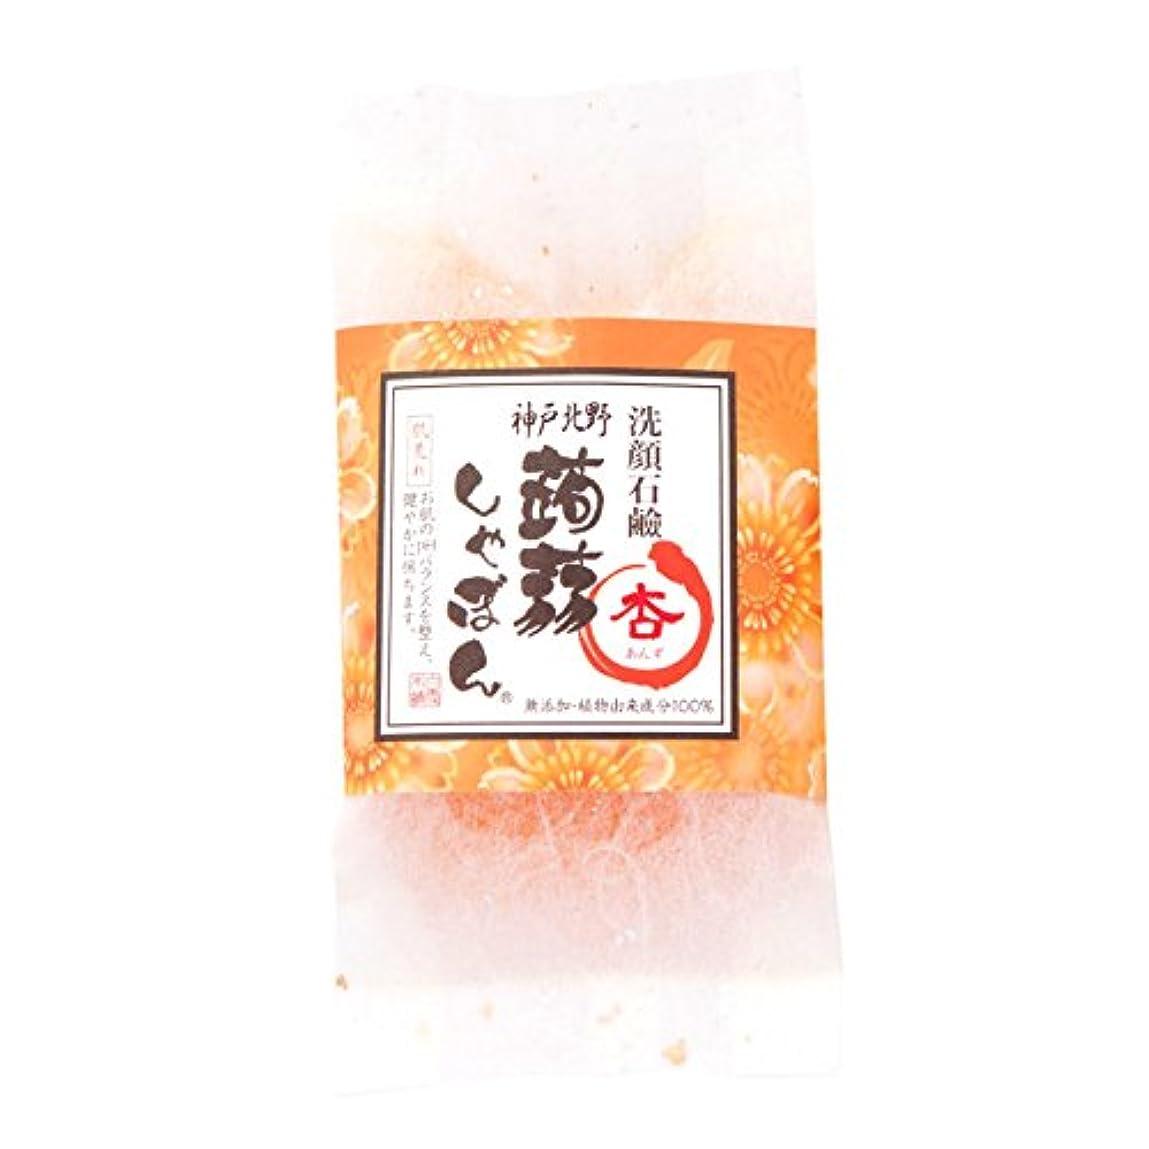 キャンディーふくろう最少神戸蒟蒻しゃぼん神戸 杏(あんず)